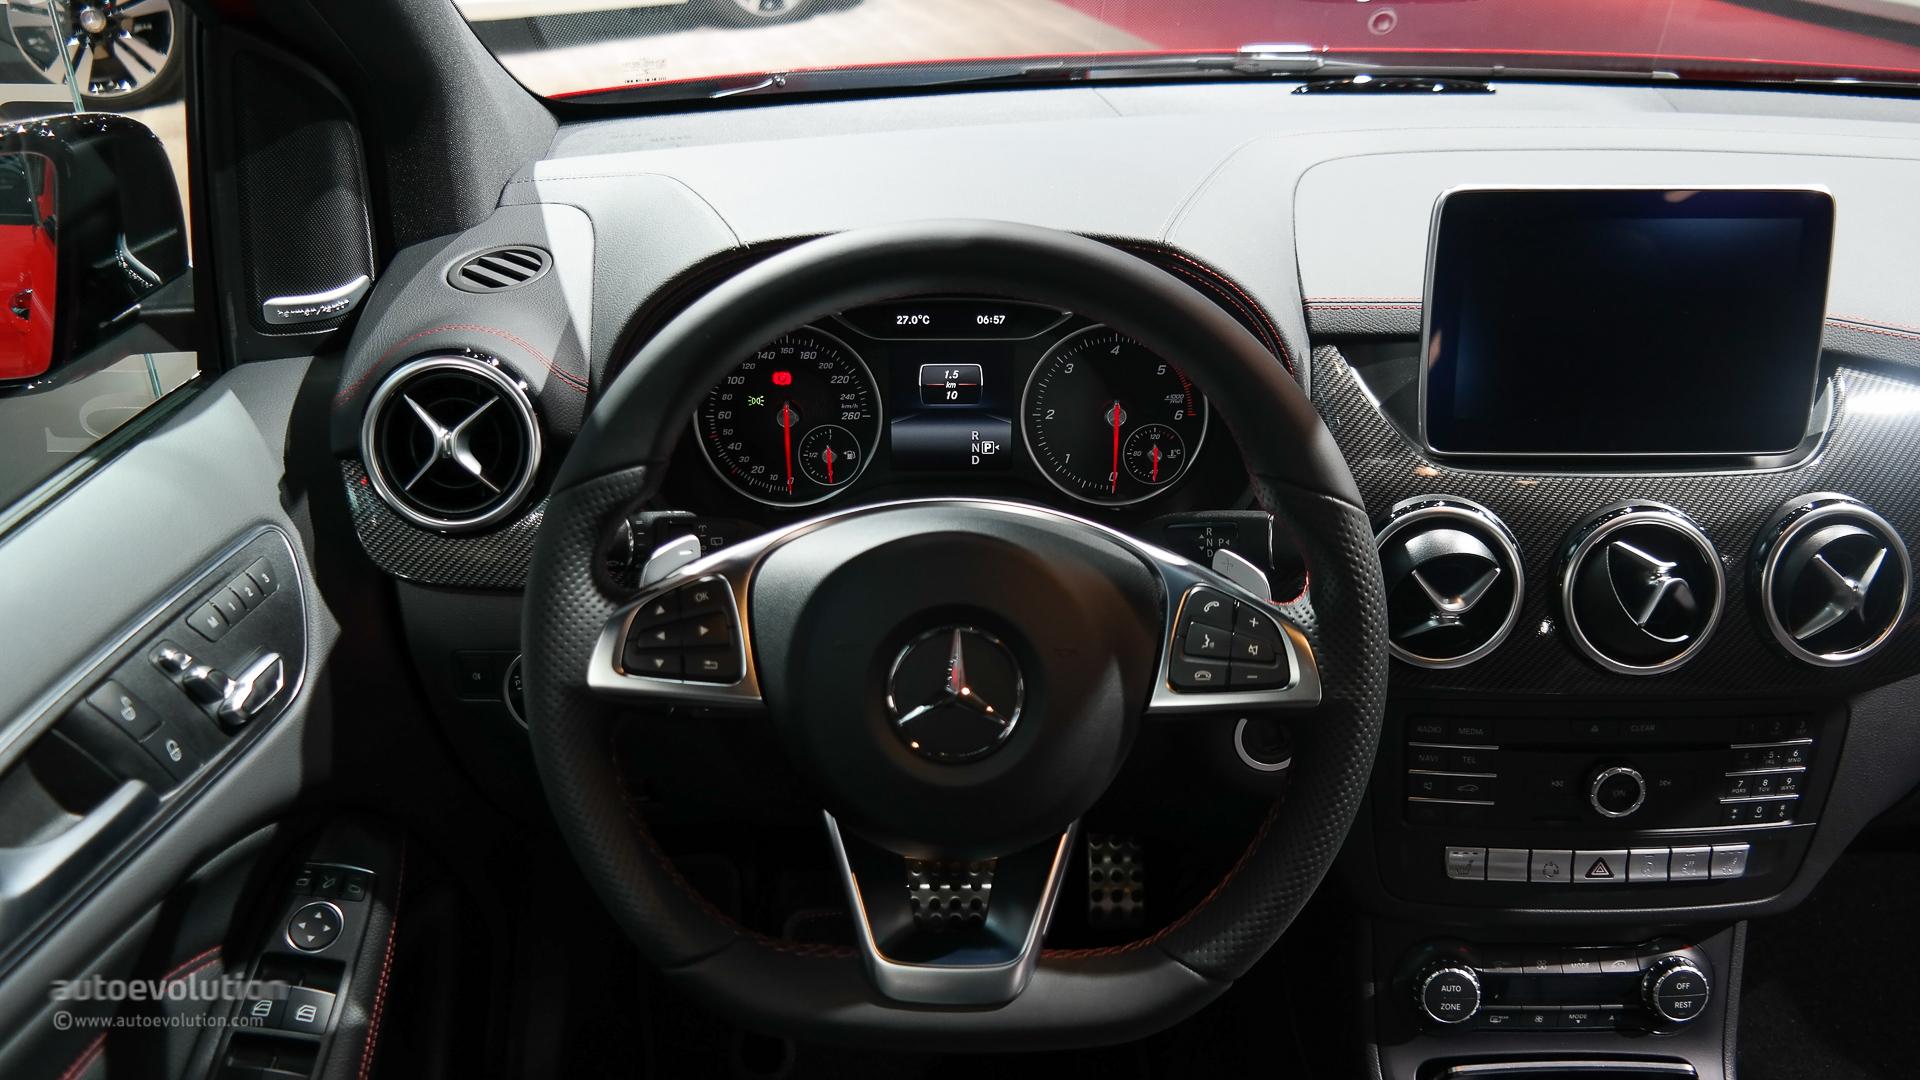 Mercedes B Class Facelift Debuts At Paris Motor Show 2014